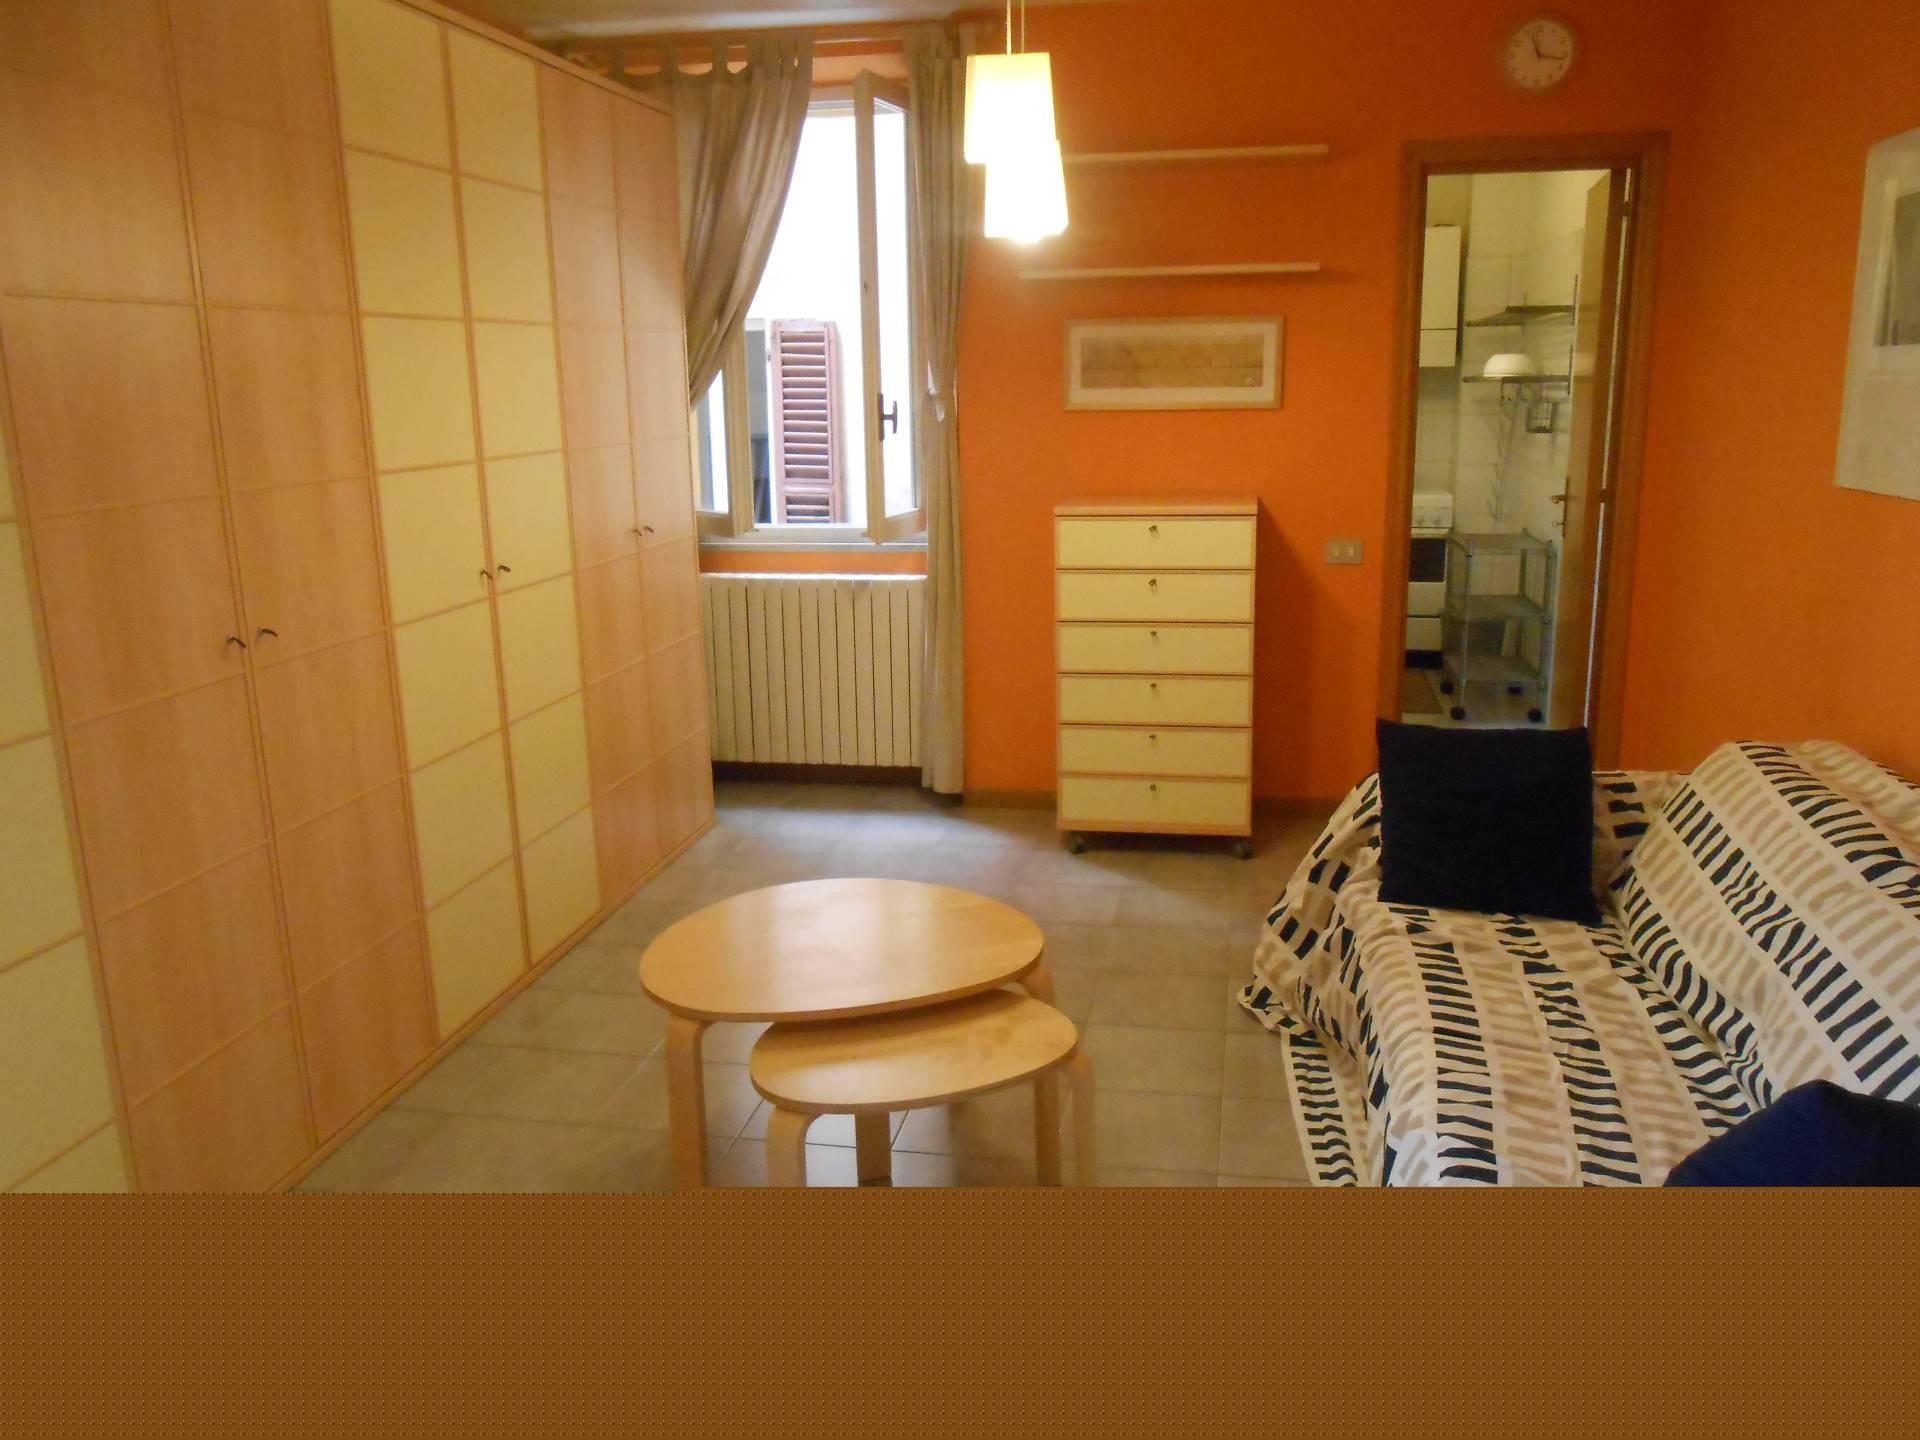 Appartamento in affitto a Ancona, 1 locali, zona Località: Centrostorico, prezzo € 400 | Cambio Casa.it